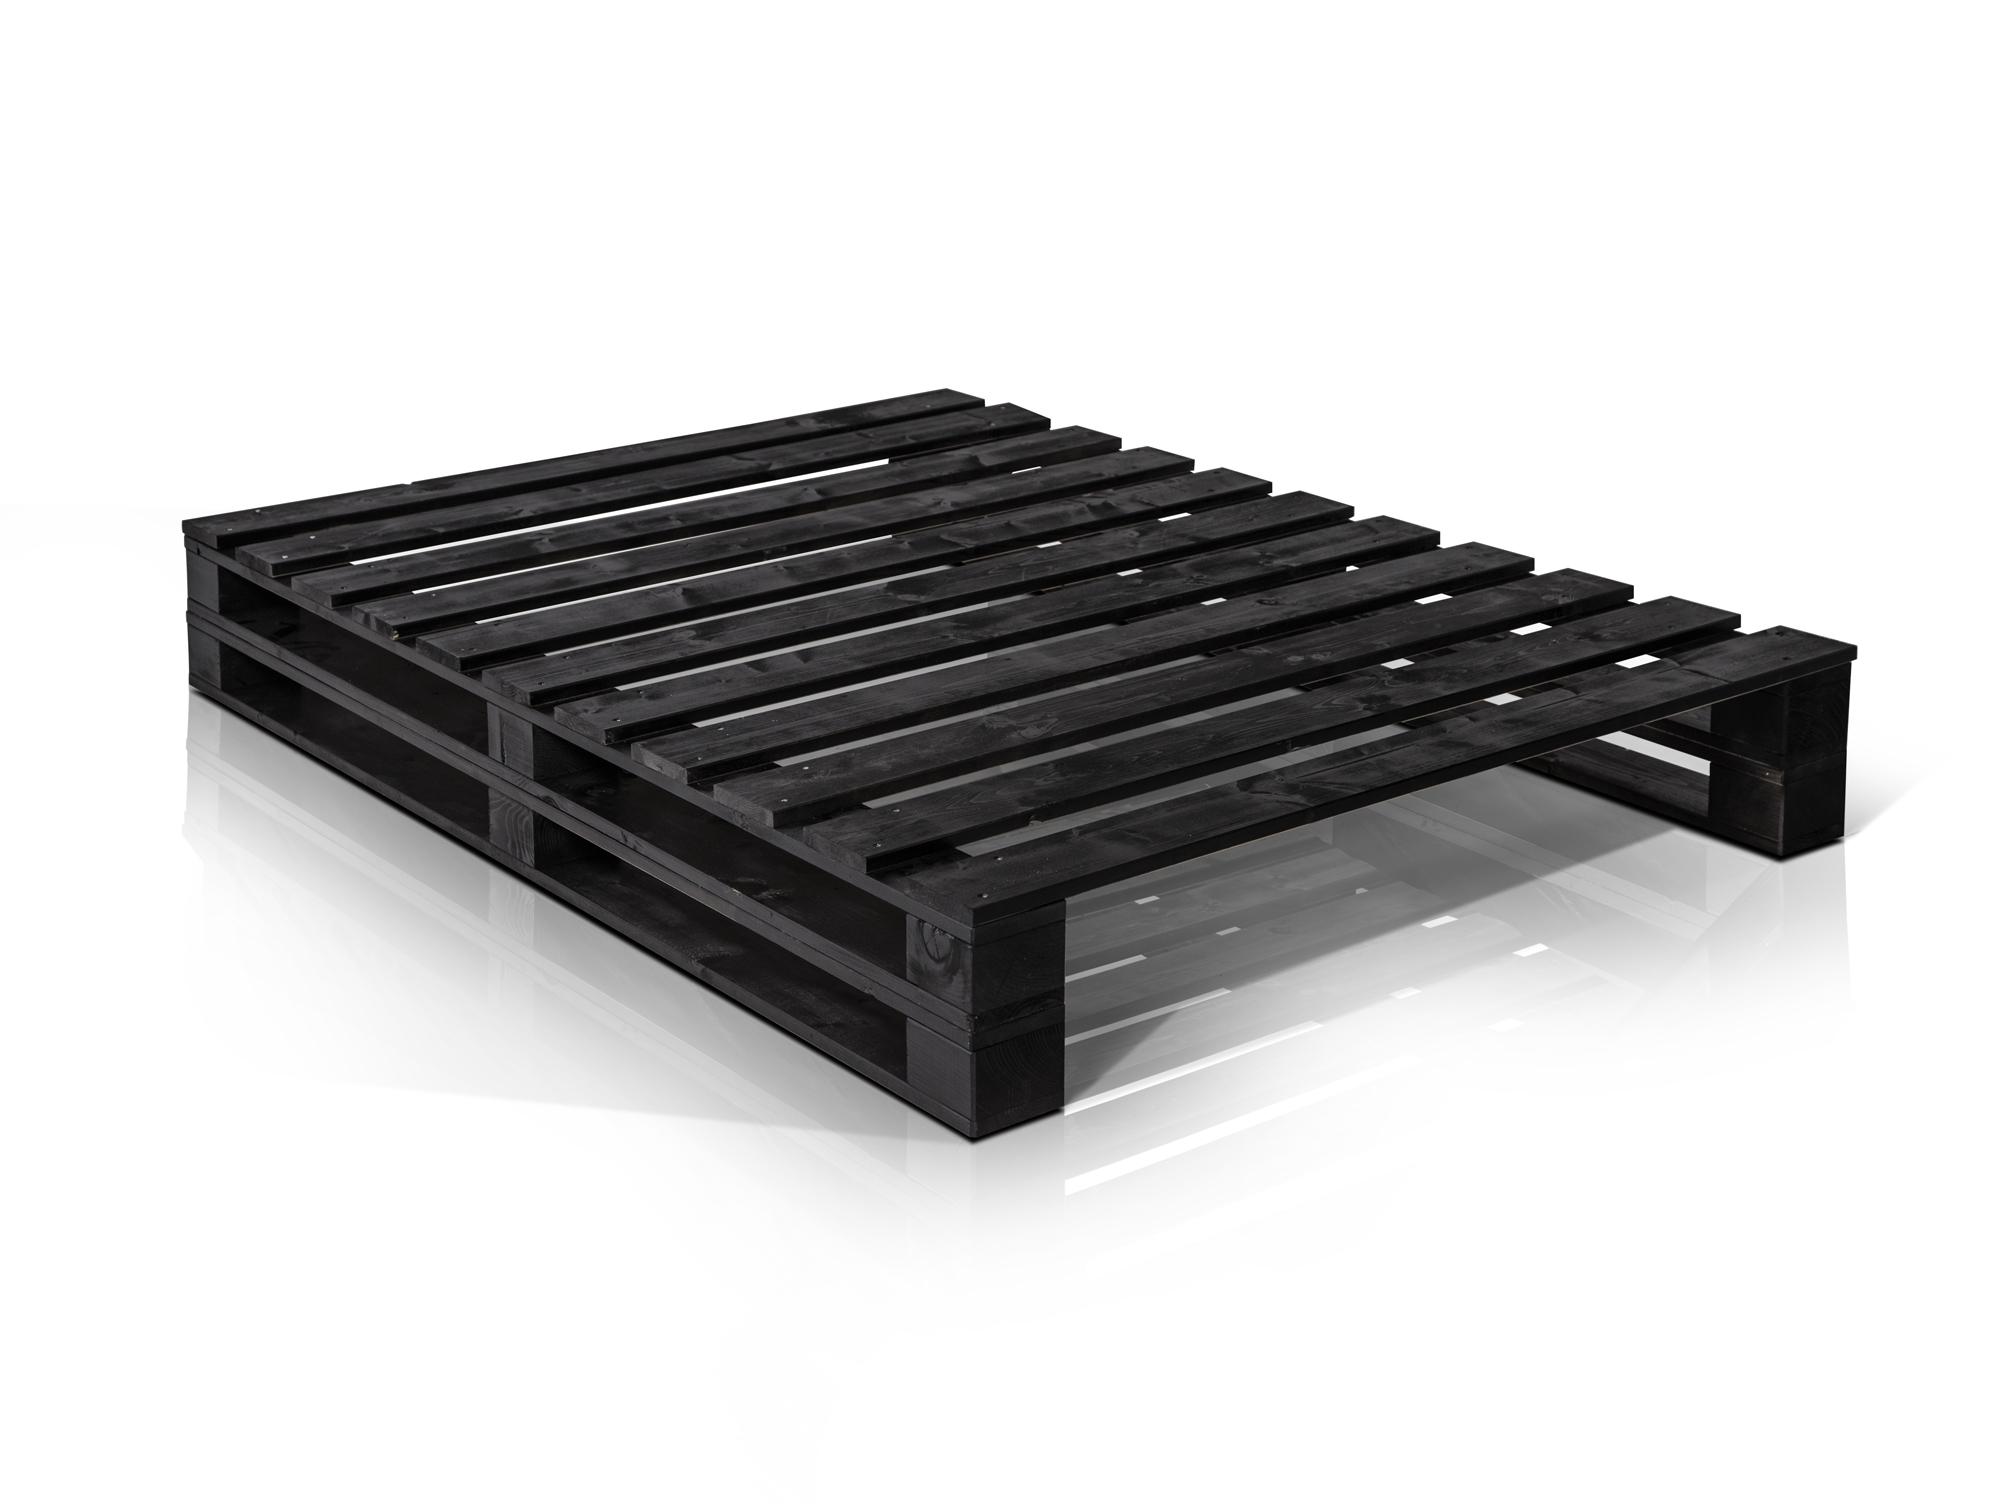 schone bett aus paletten ebenbild interior design und m bel ideen. Black Bedroom Furniture Sets. Home Design Ideas